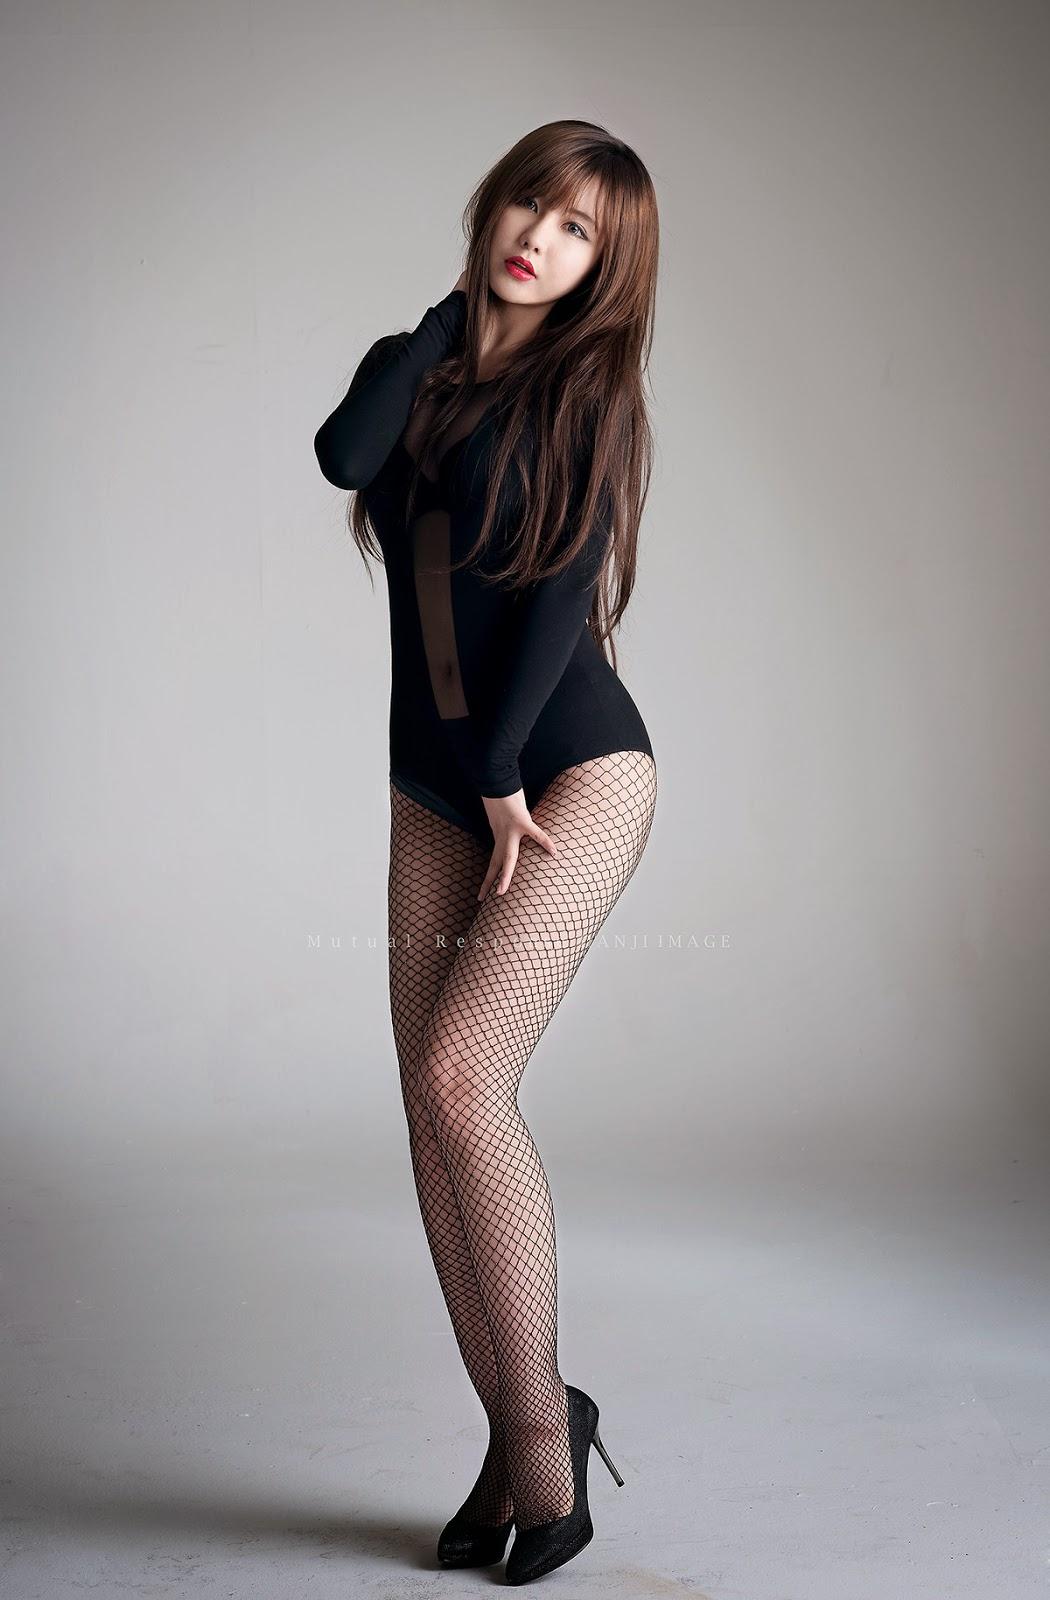 Ryu Ji Hye Pure Sexiness